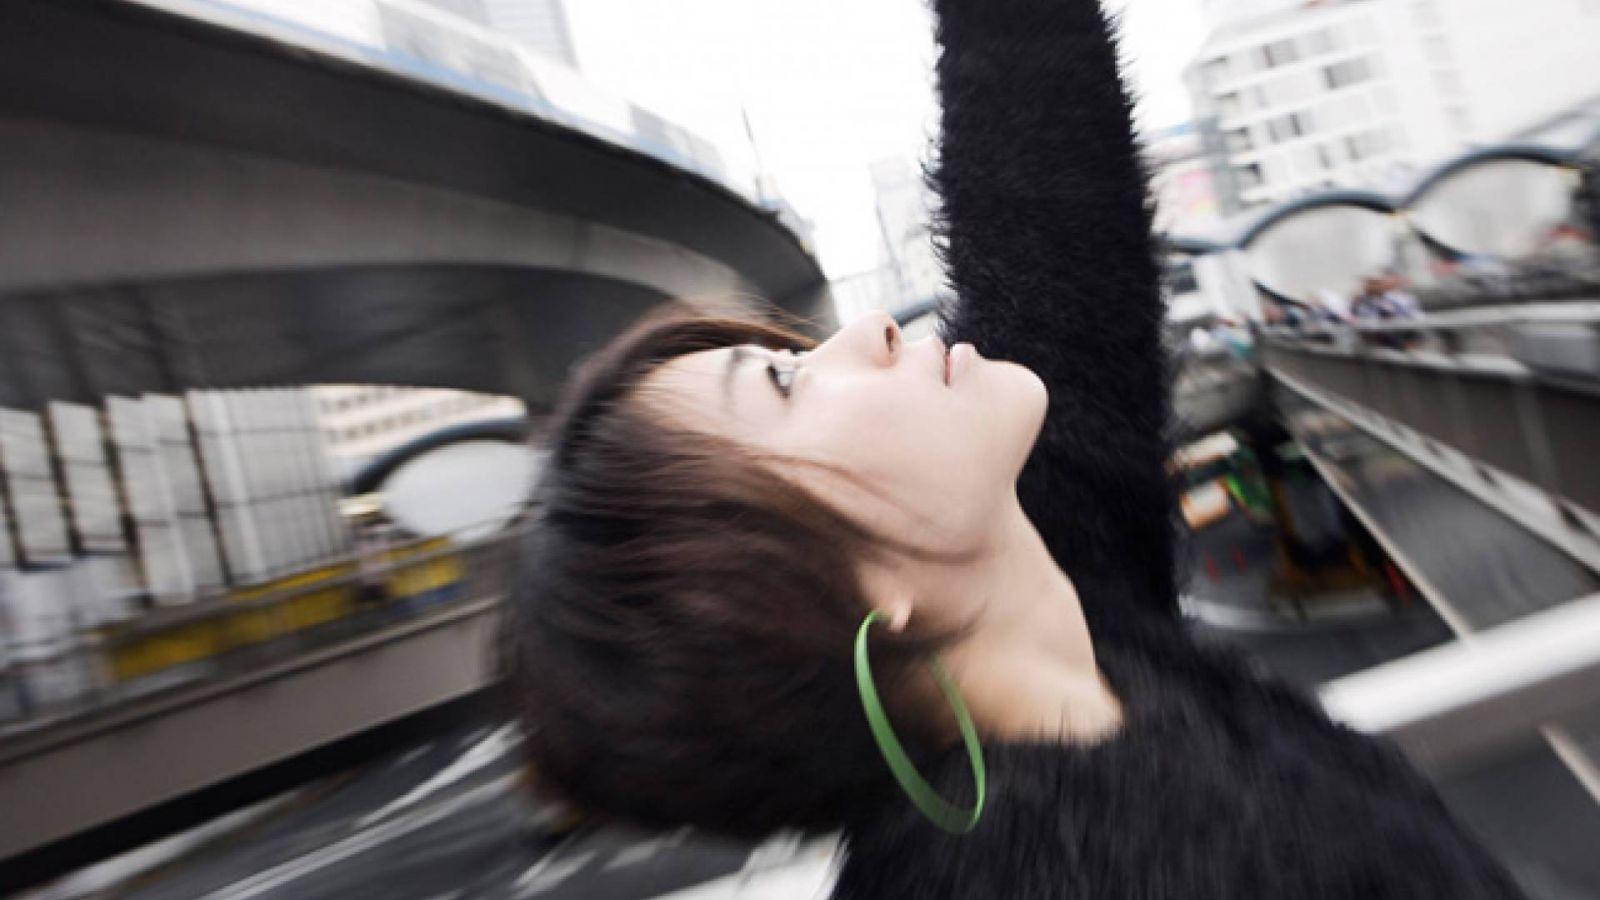 Various Artists - Utada Hikaru no uta - 13 kumi no ongakuka ni yoru 13 no kaishaku ni tsuite © EMI Music UK